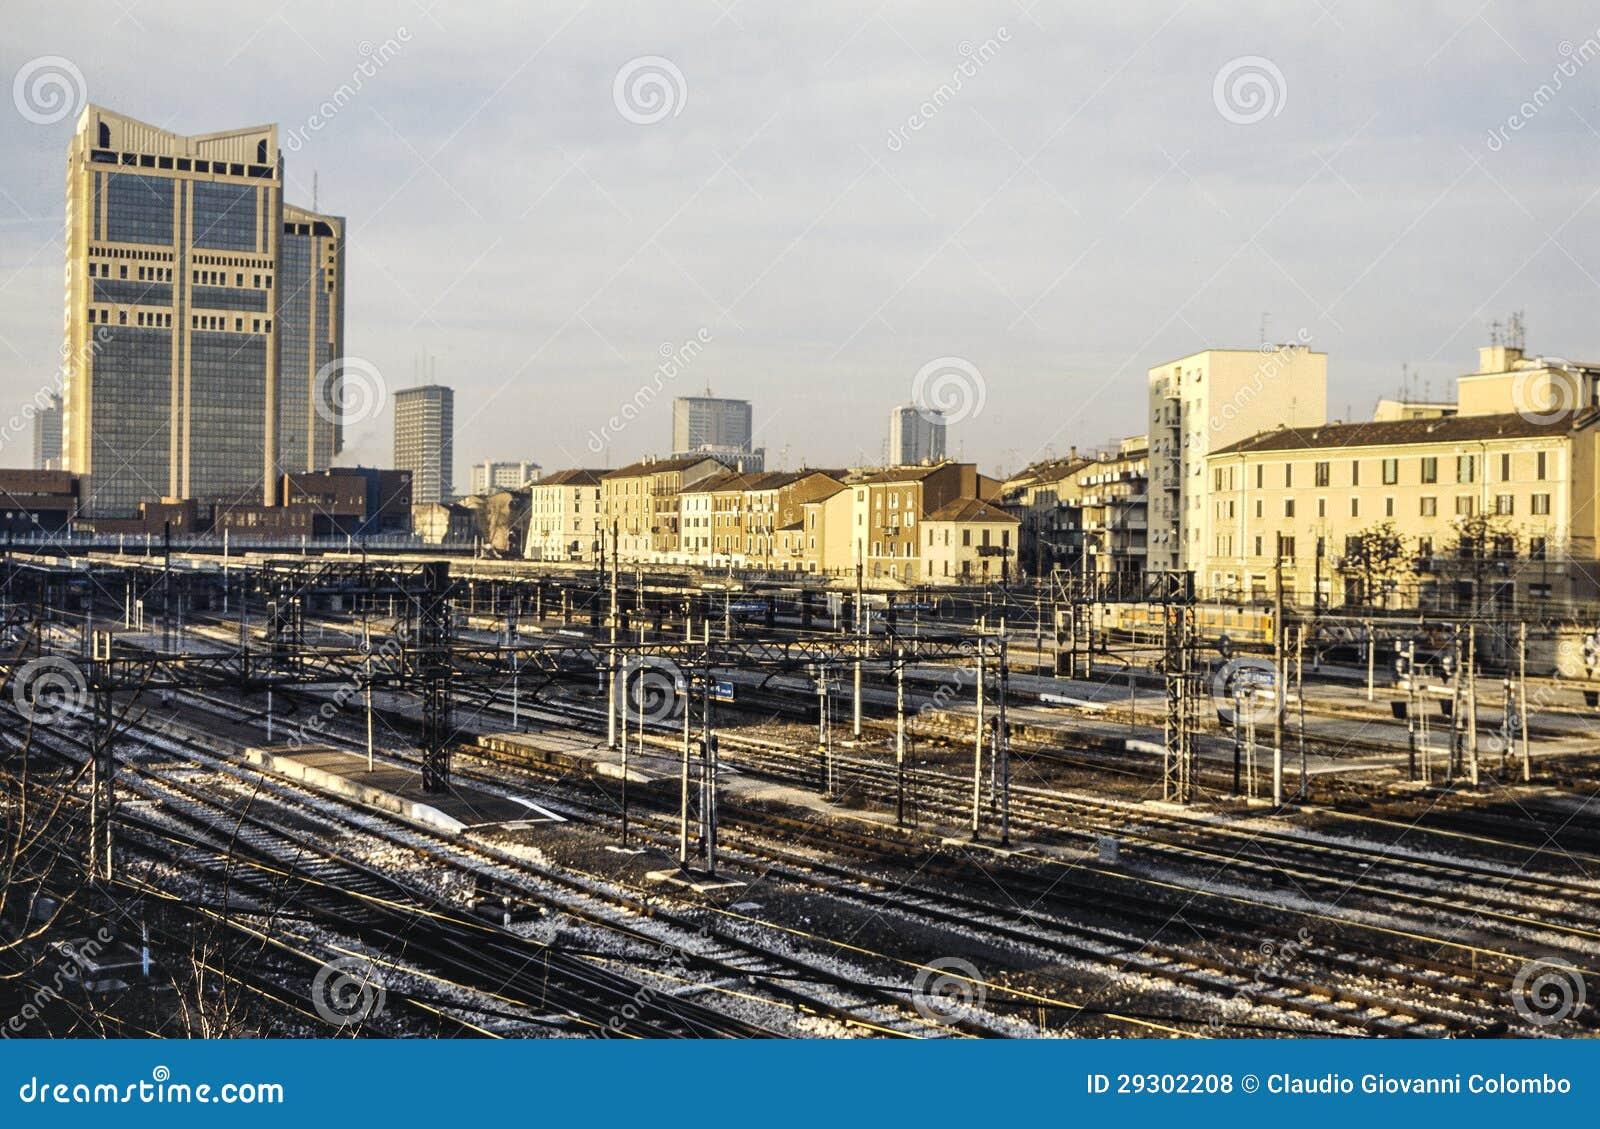 Milano stazione di porta garibaldi fotografia stock - Stazione porta garibaldi mappa ...